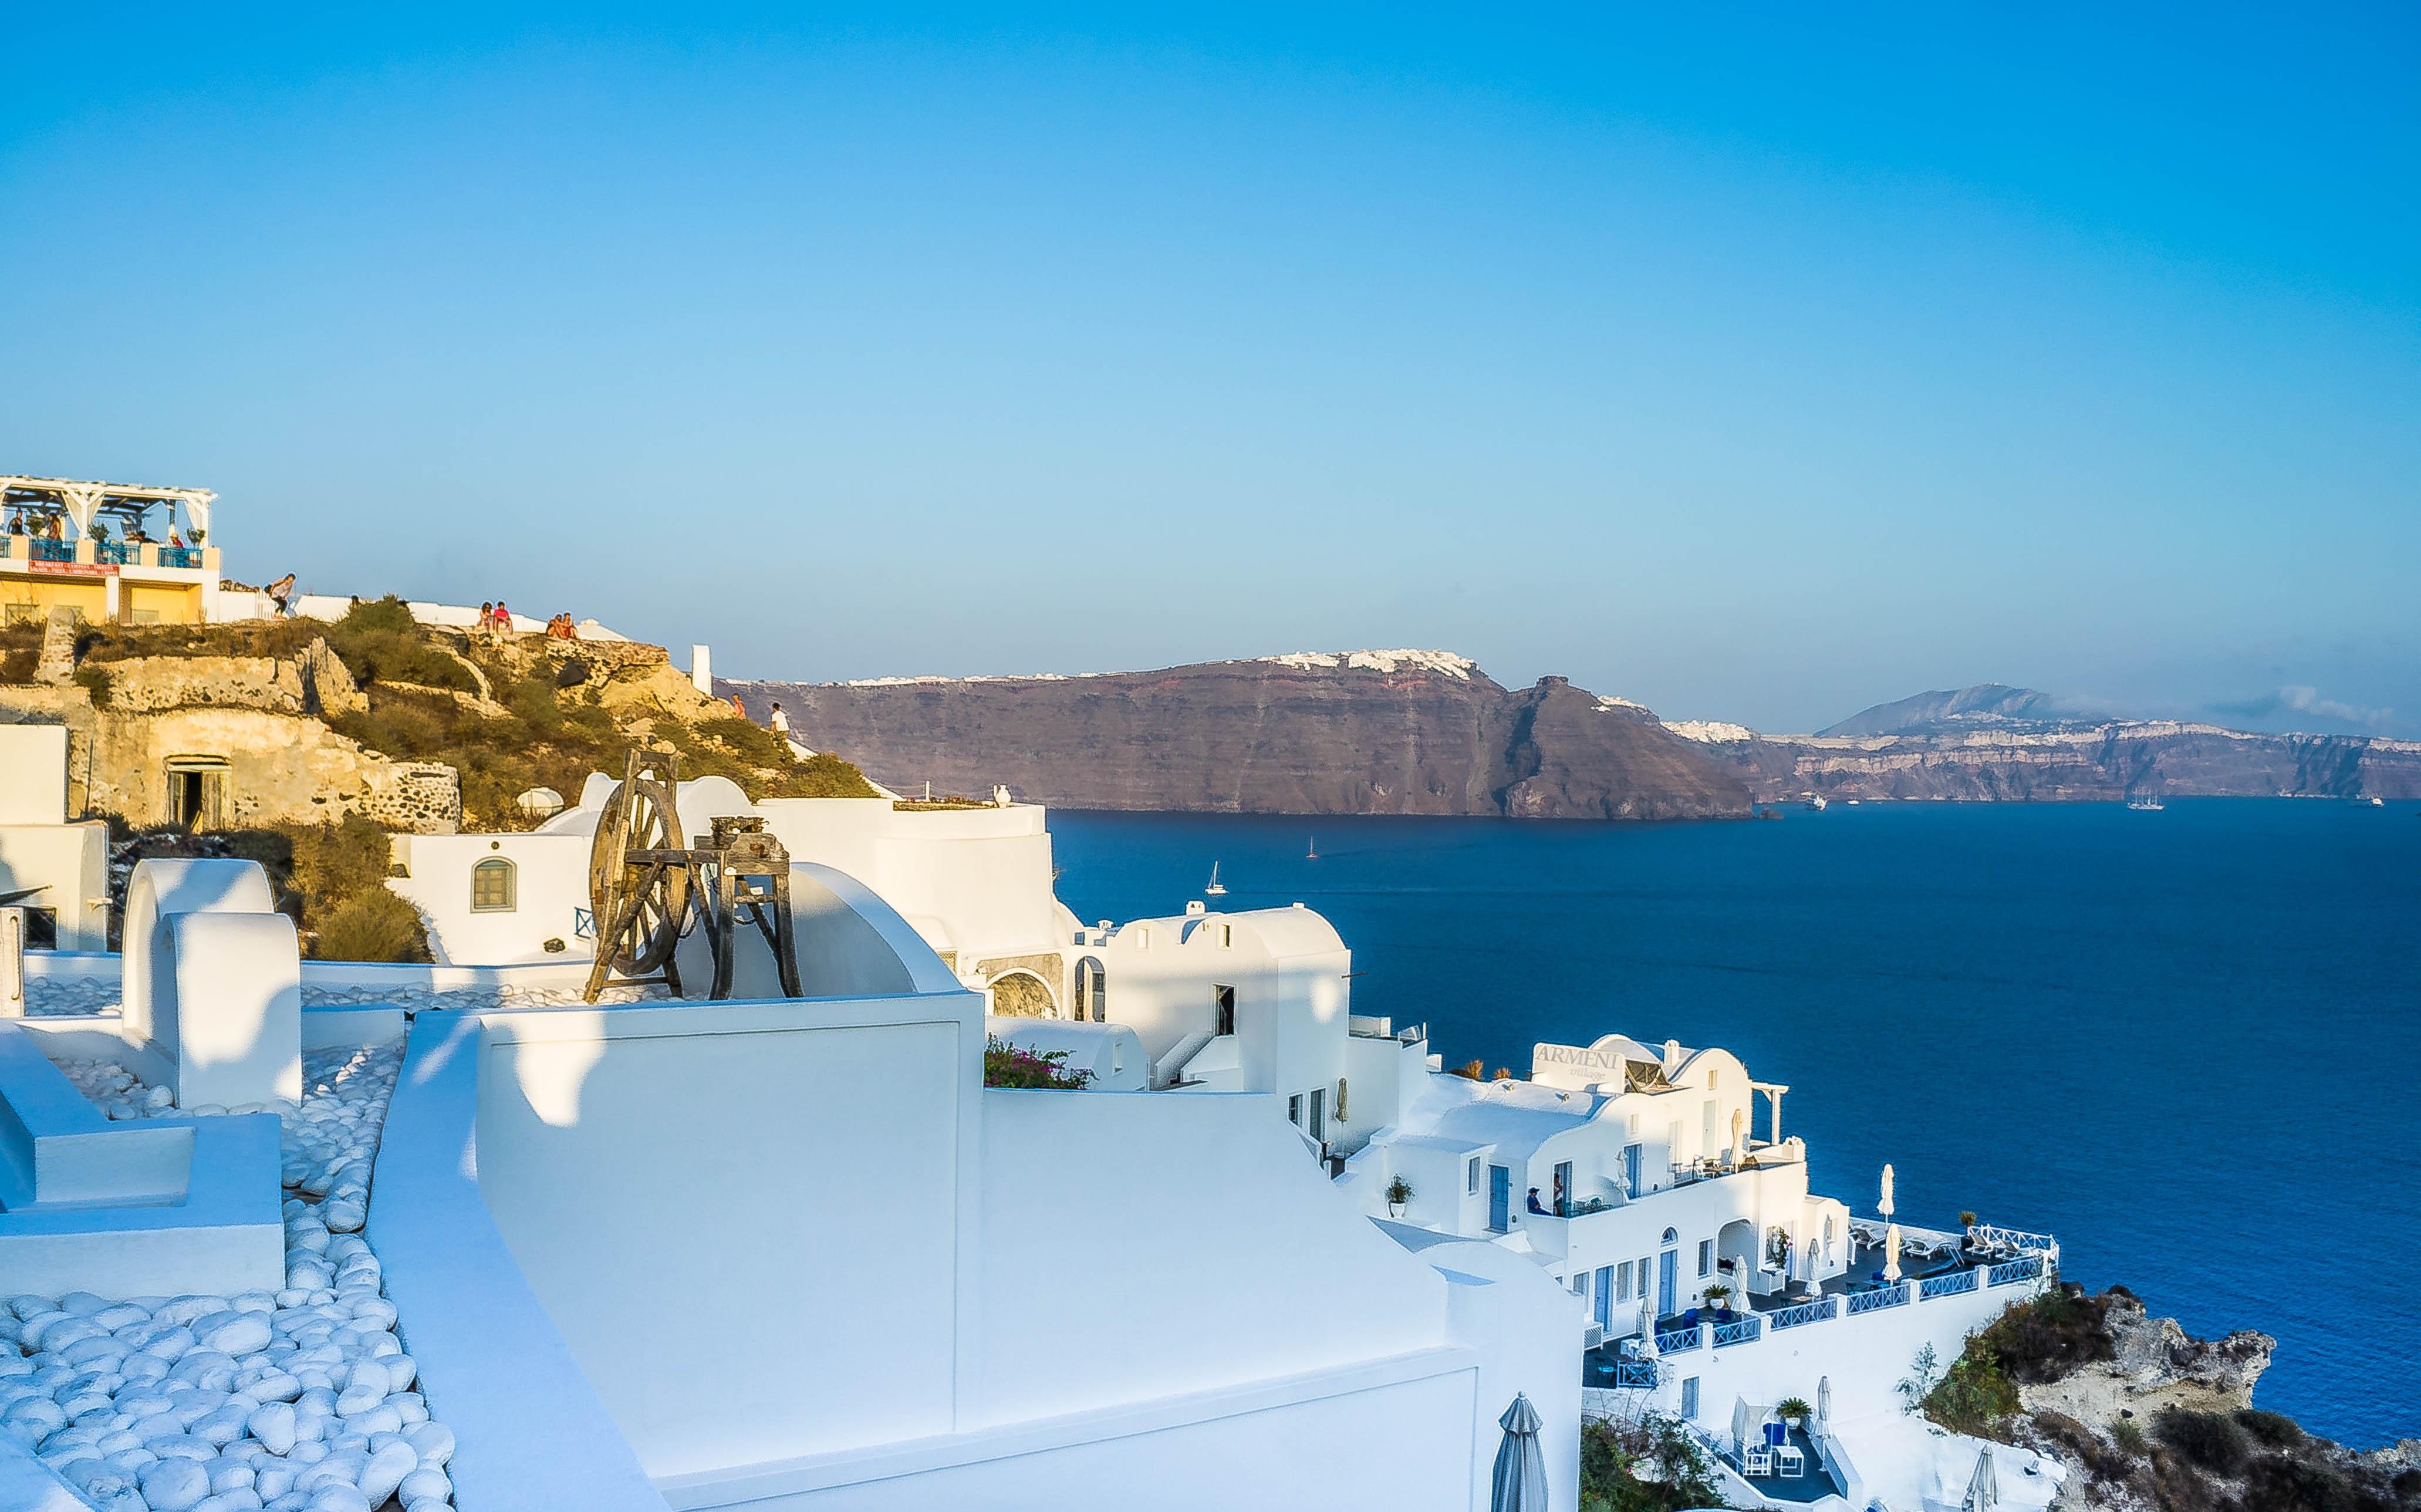 ver edificio verano vacaciones viajar europa griego mediterrneo vehculo fiesta isla romntico azul turismo santorini belleza grecia